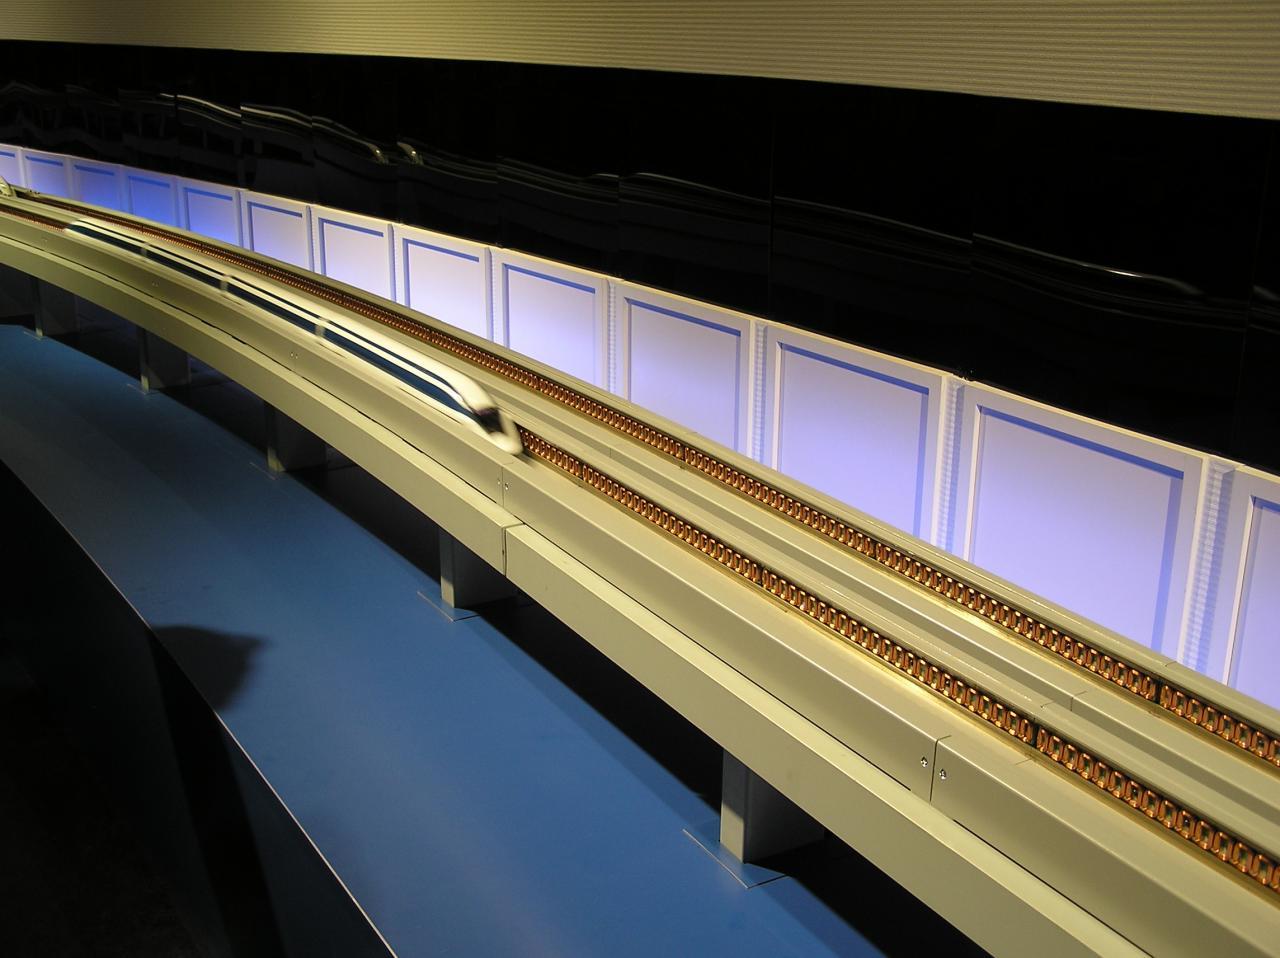 超電導で走るリニモの模型